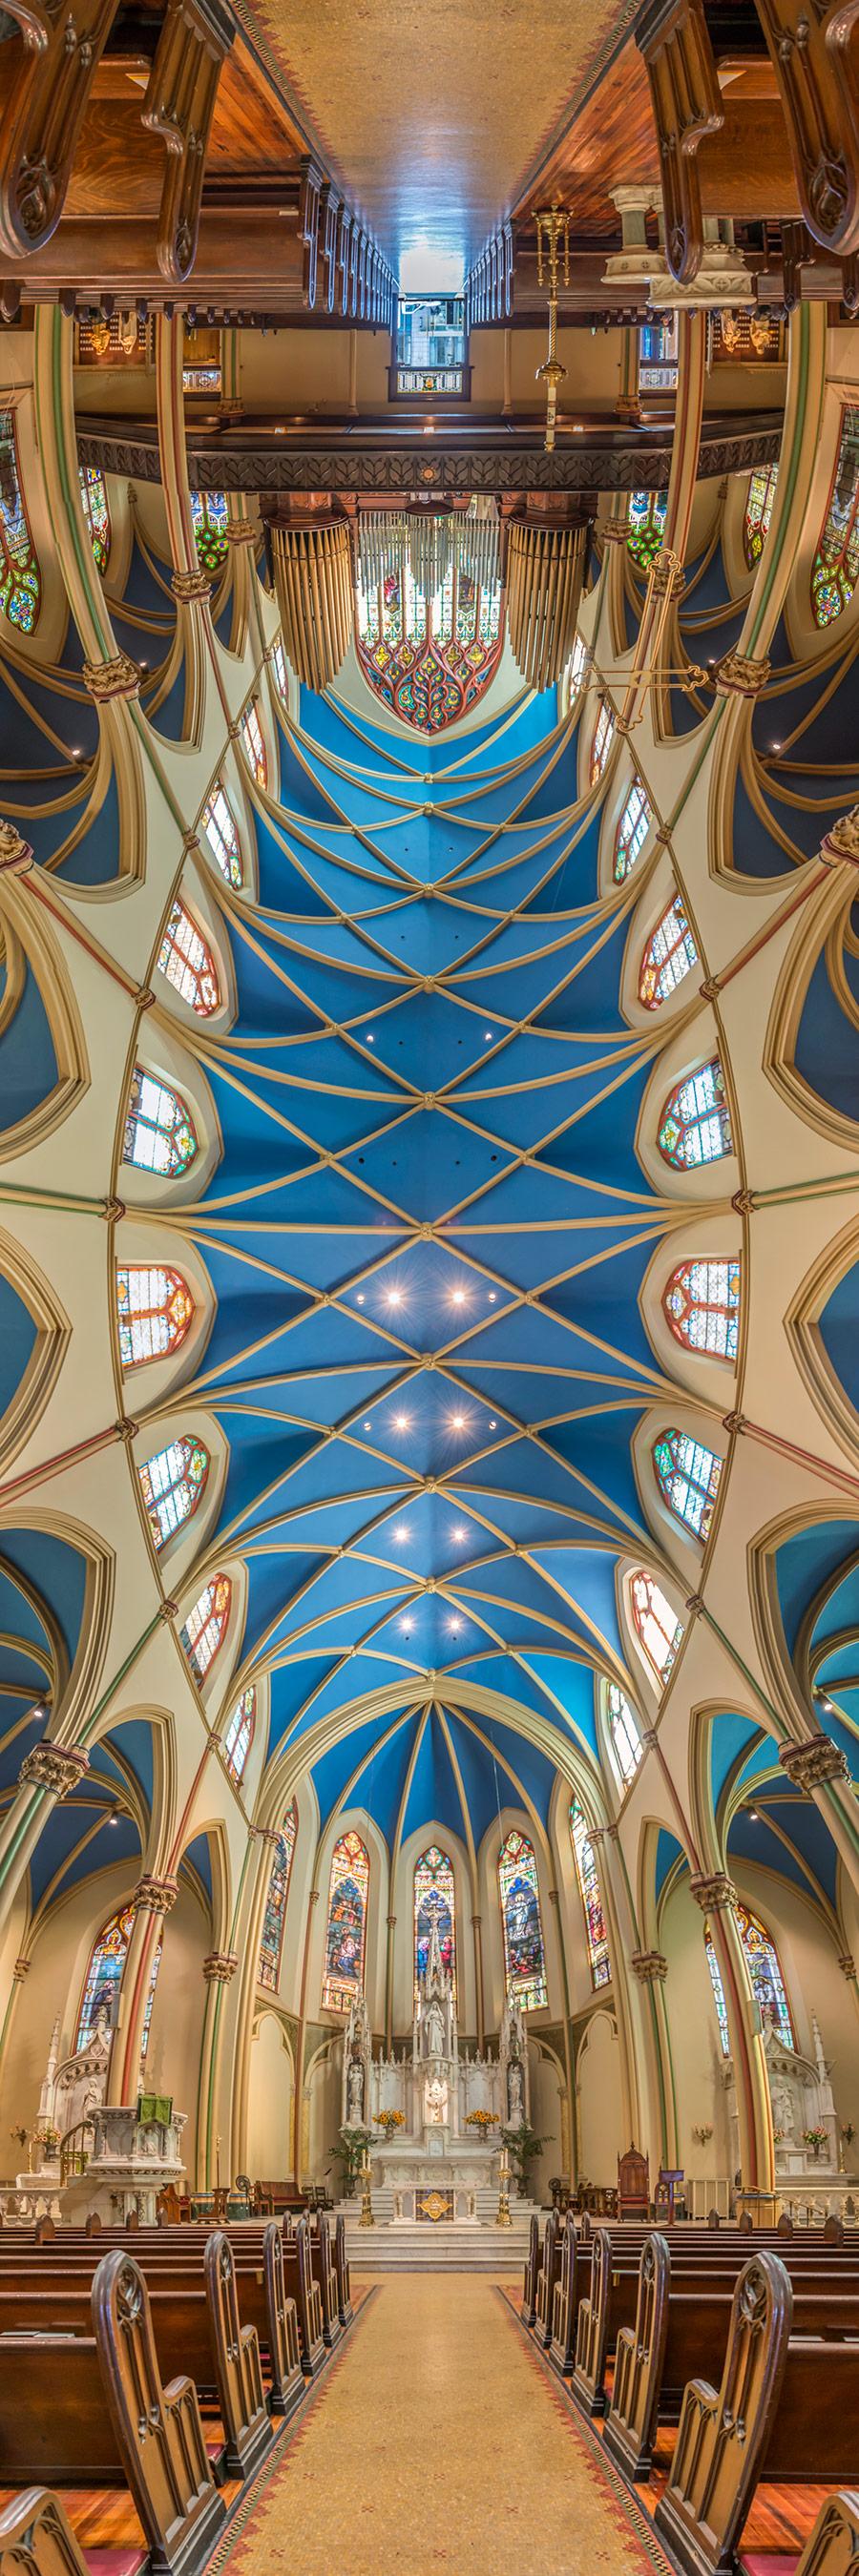 St-Monicas-Church1